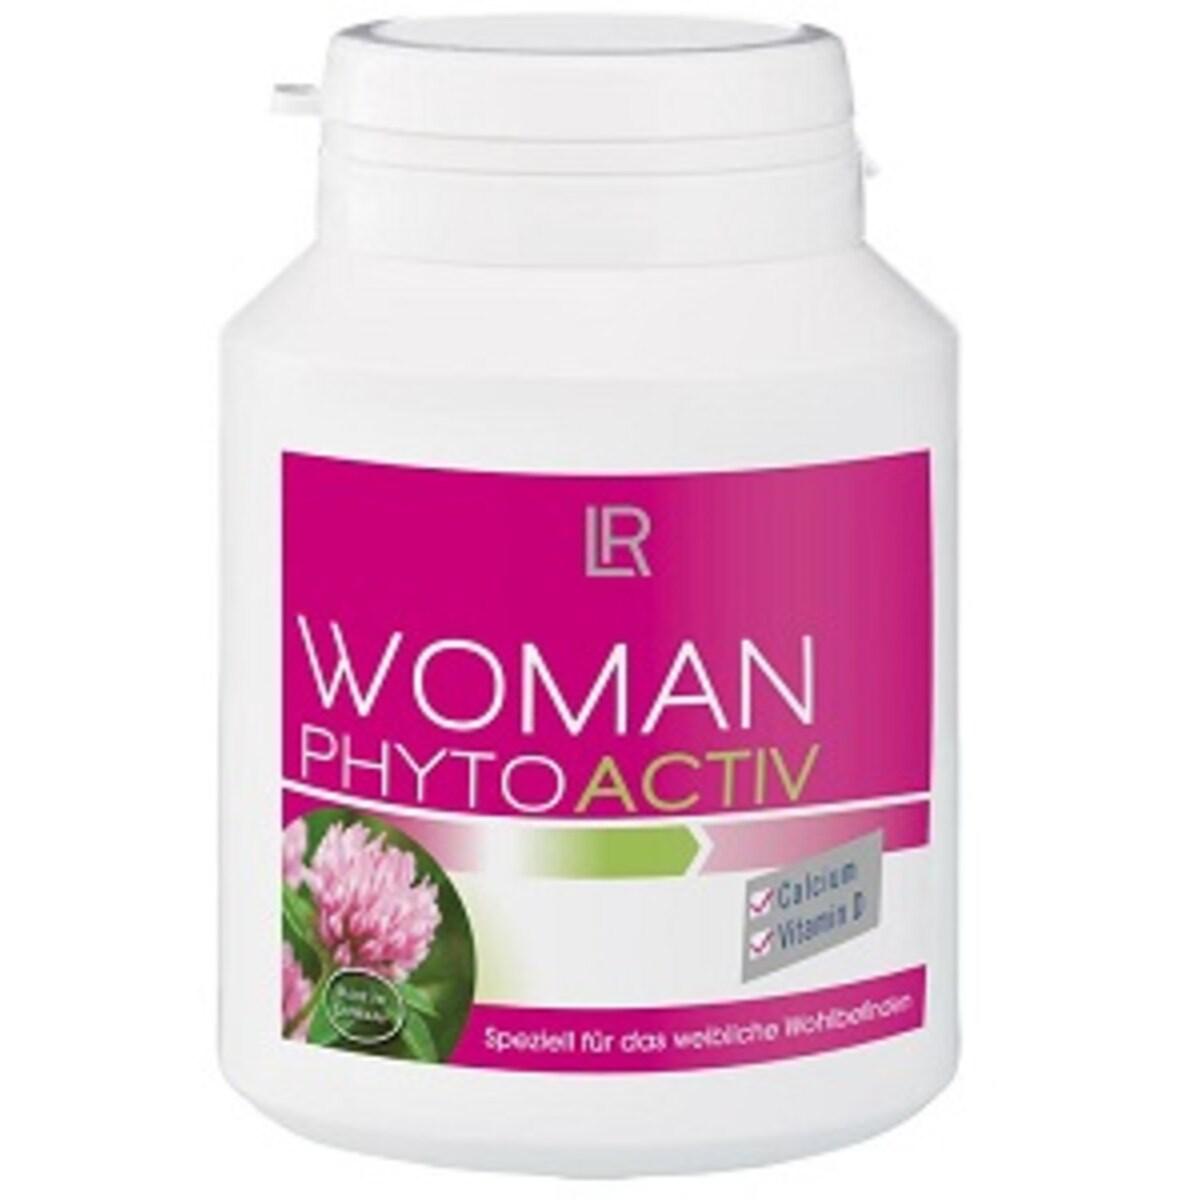 LR Woman Phyto activ витамини за ефективна подкрепа специално за жените 90бр